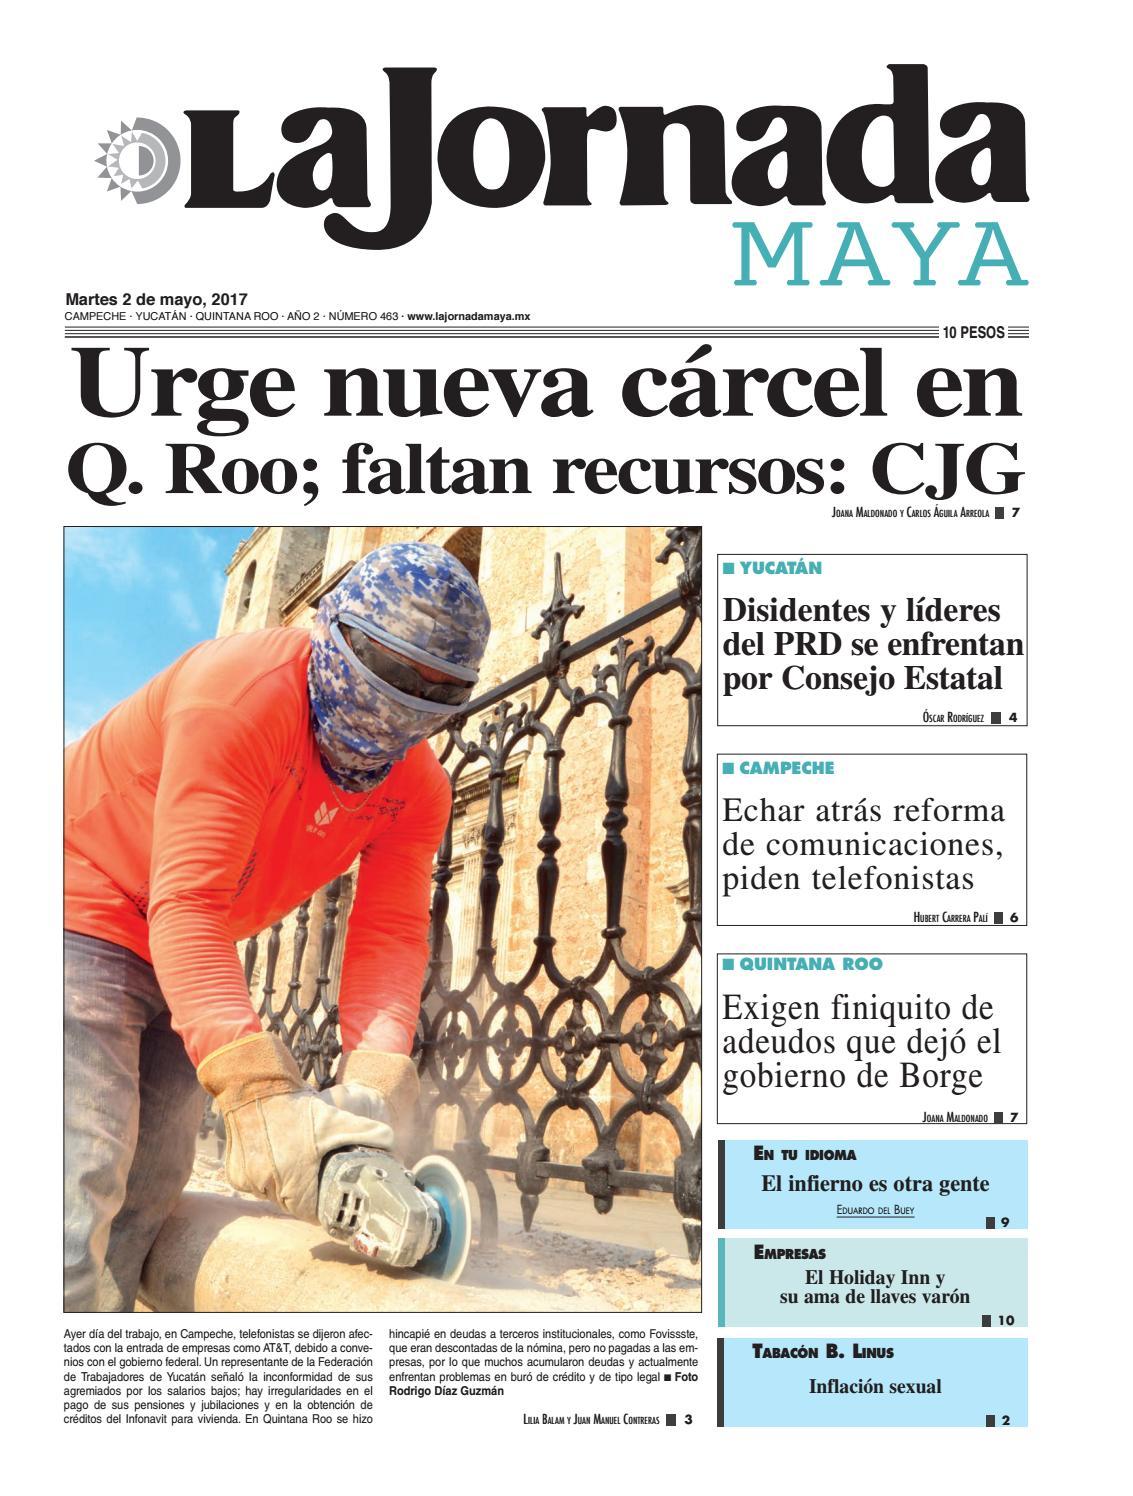 La Jornada Maya · Martes 2 de mayo, 2017 by La Jornada Maya - issuu